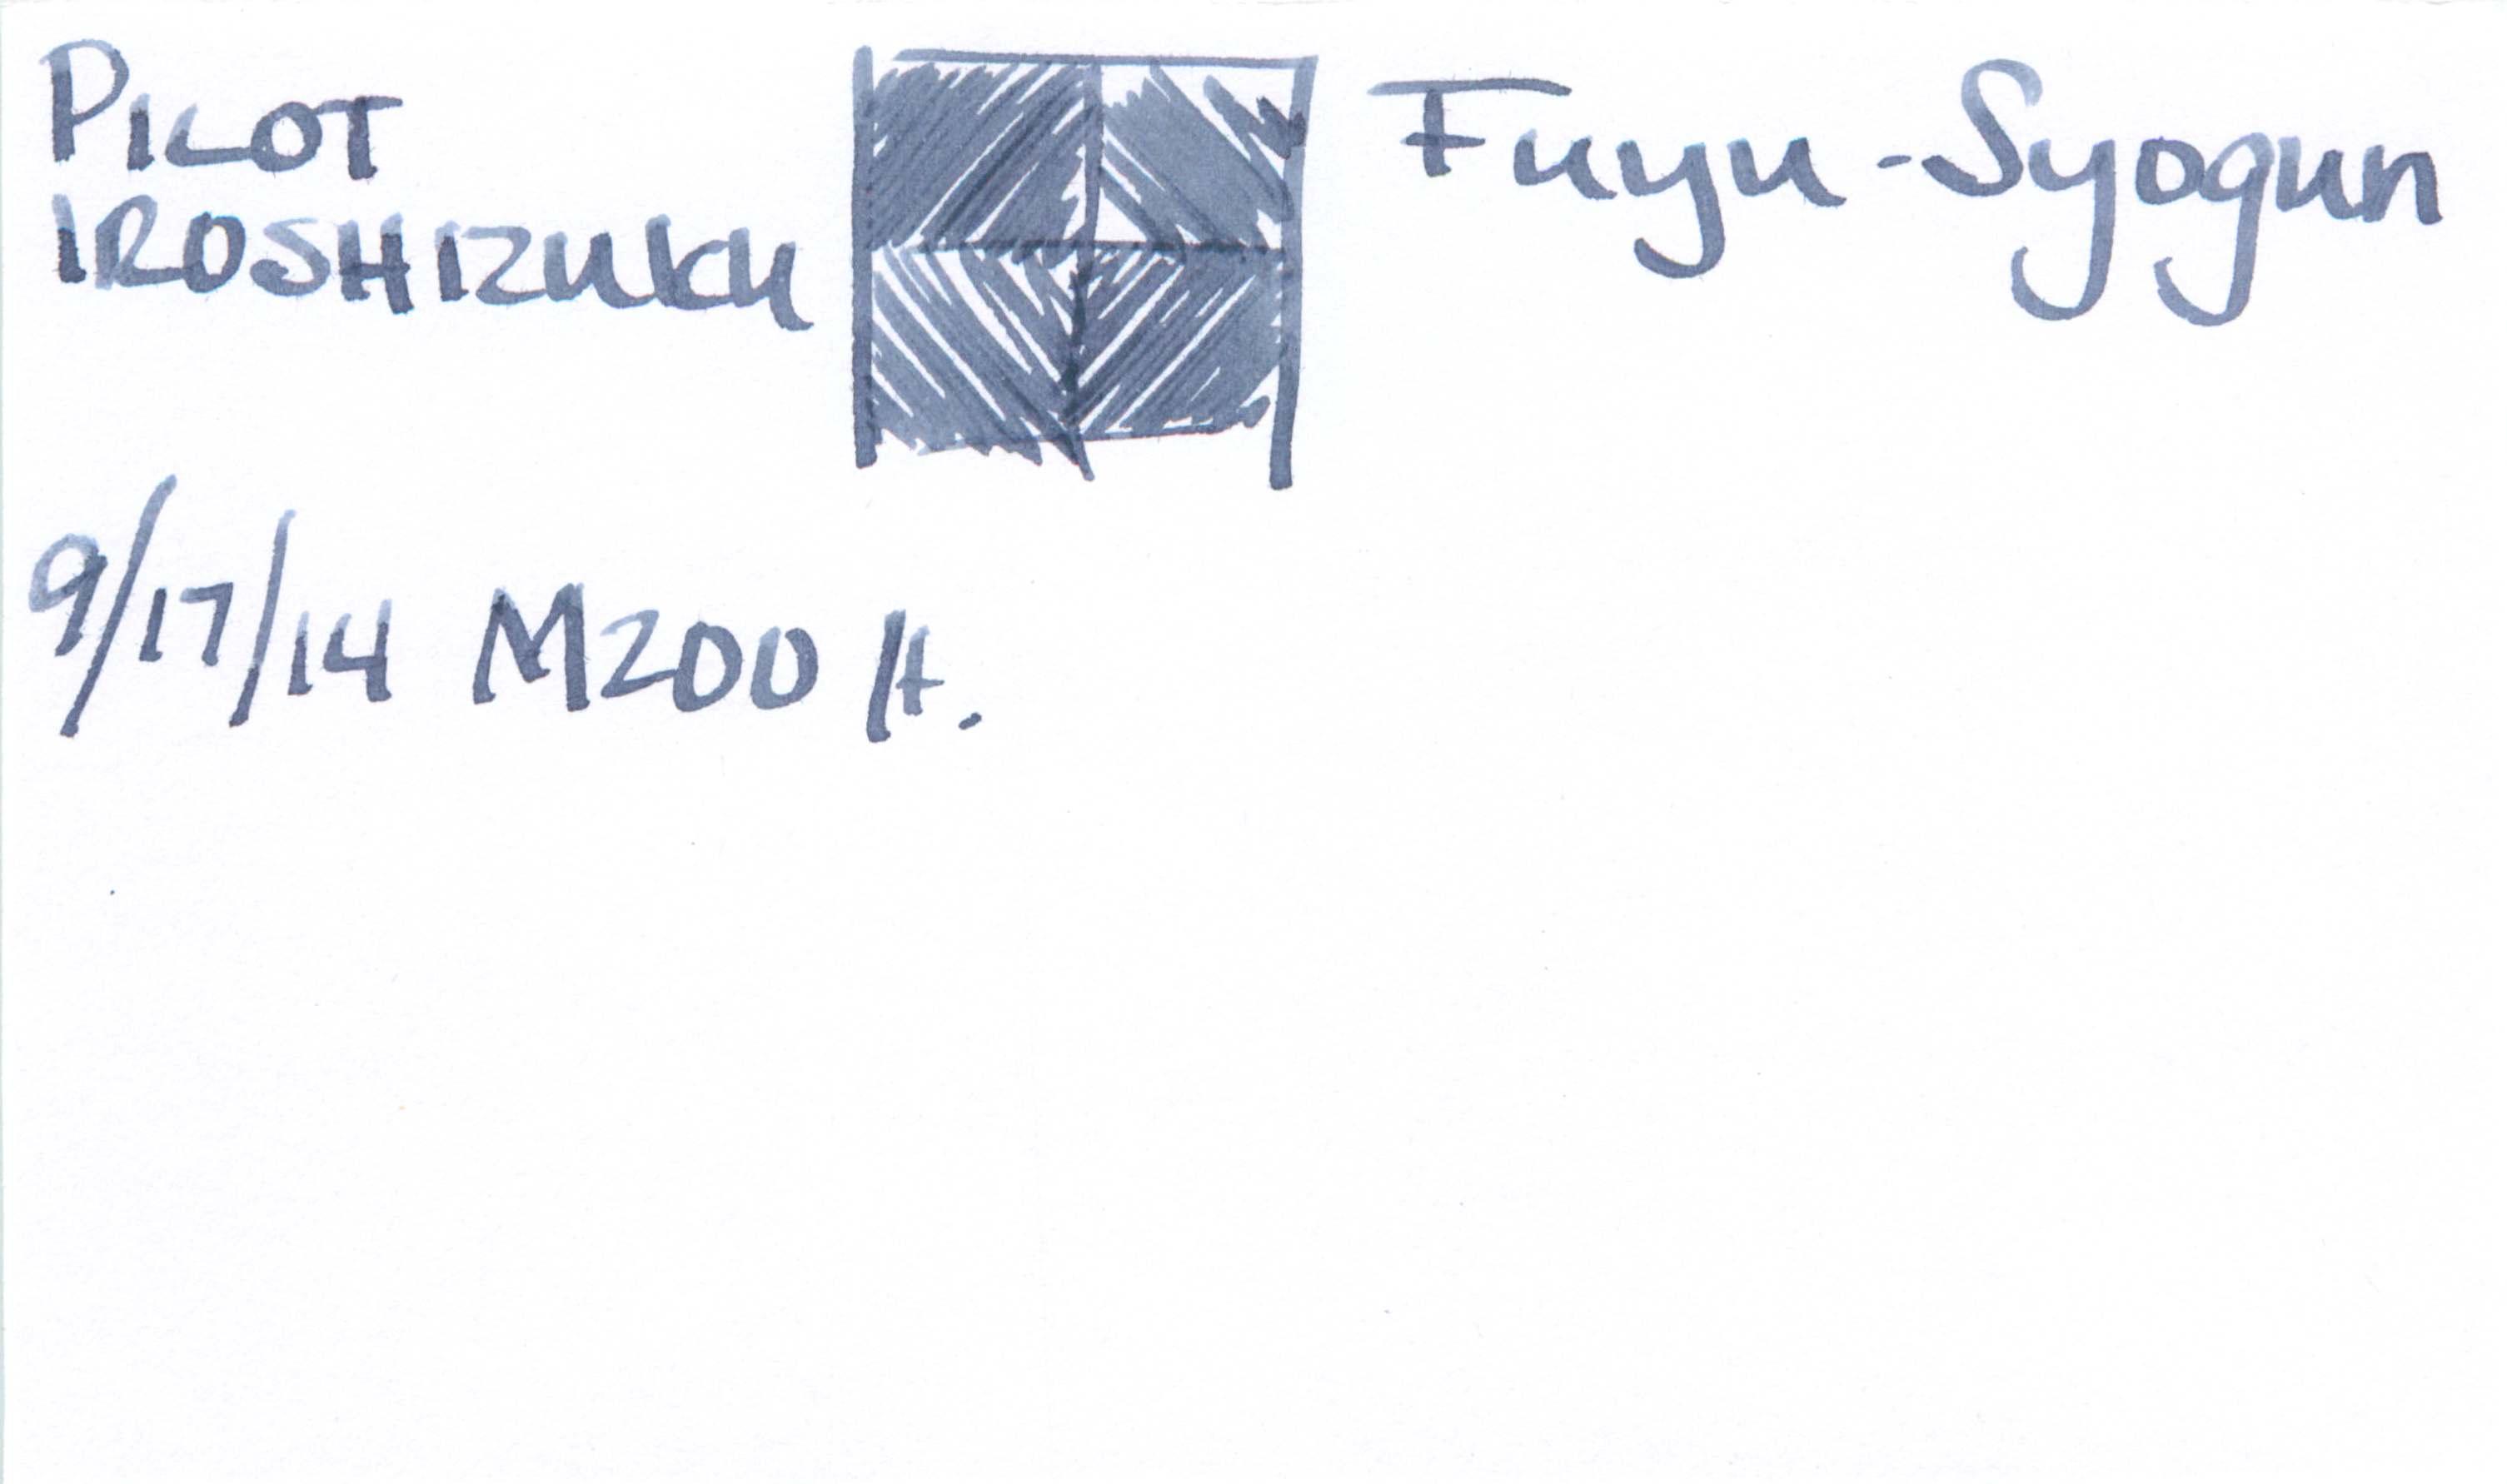 2014-Ink_2231.jpg